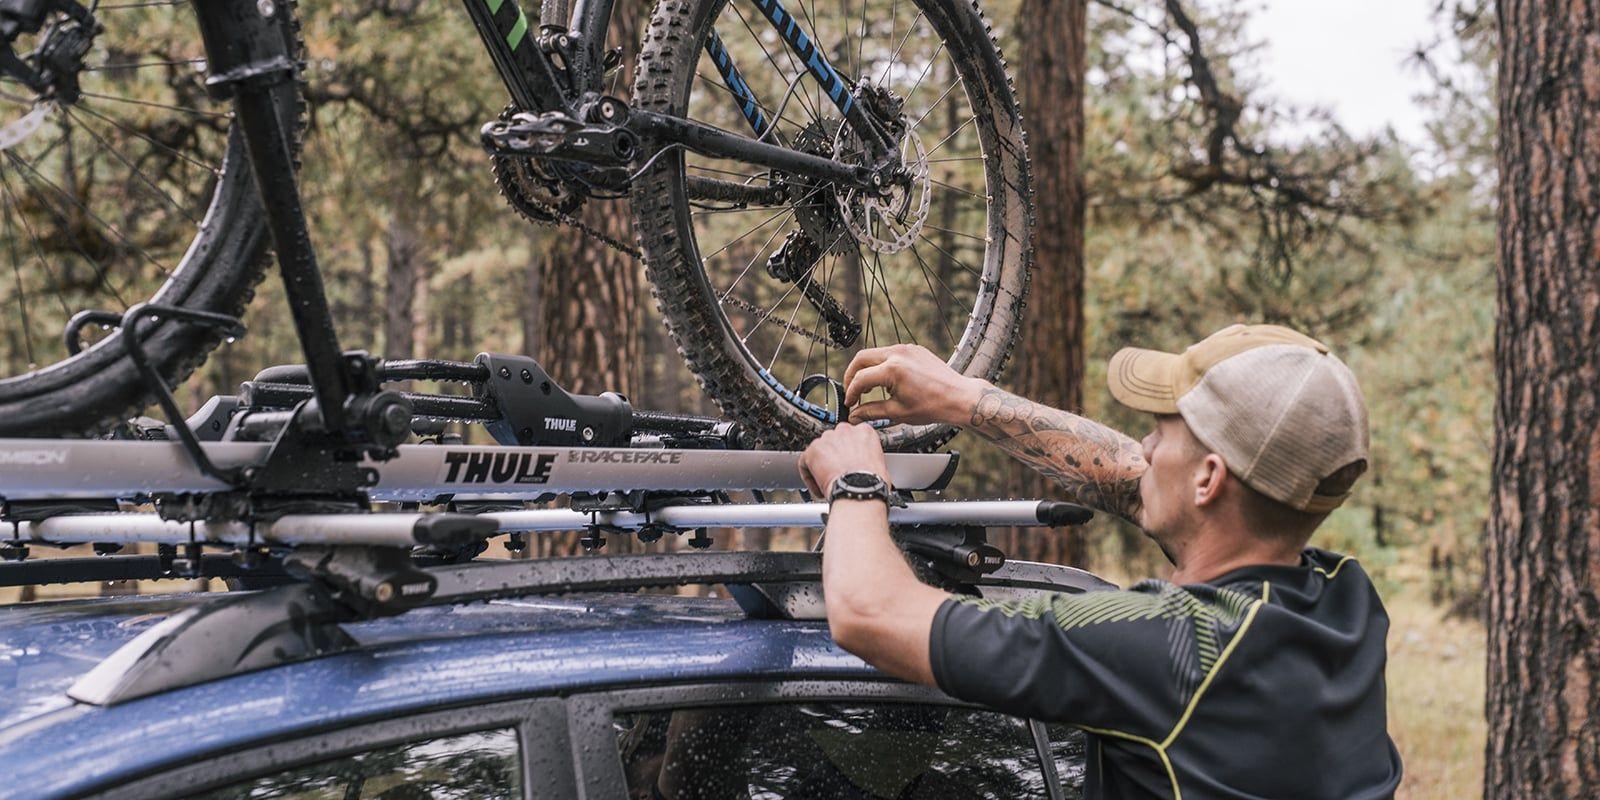 Choosing A Bike Rack For A Car Car Racks Suv Bike Rack Best